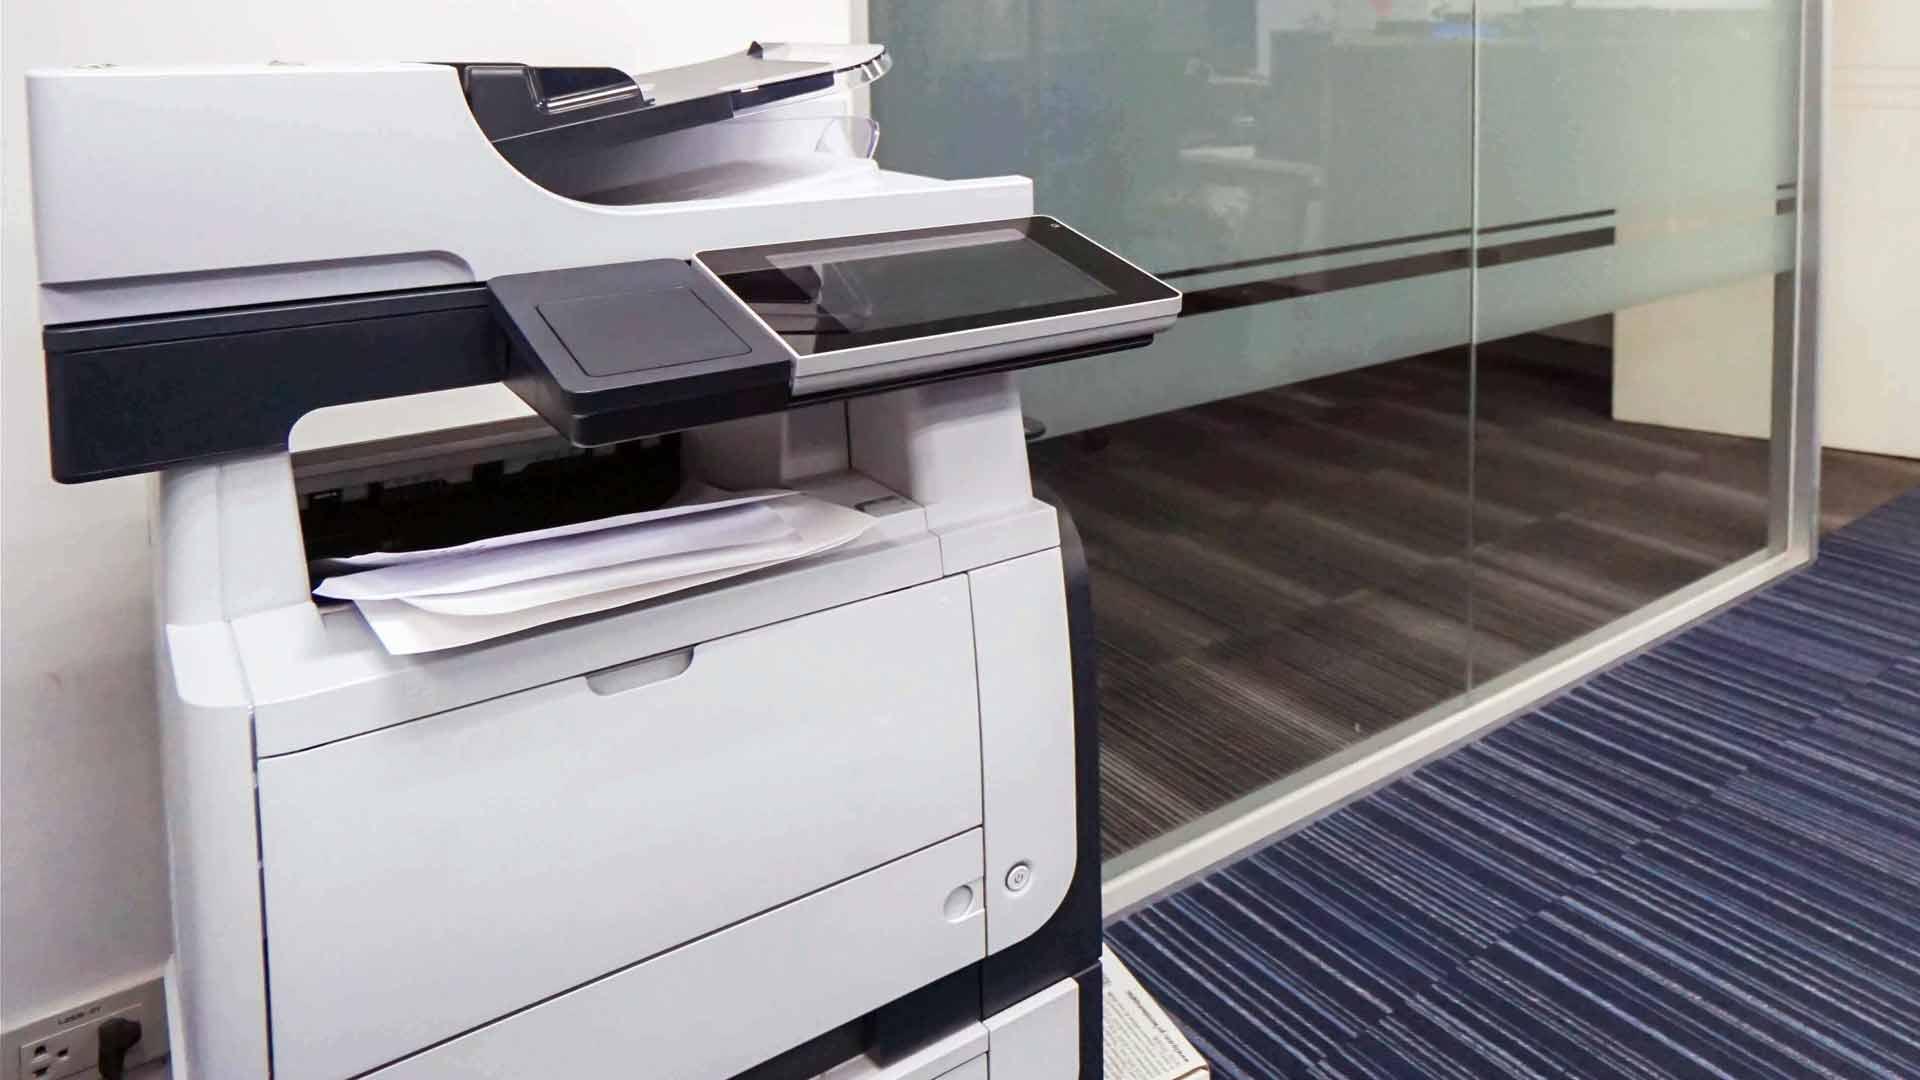 office-copier-lease-vs-buy